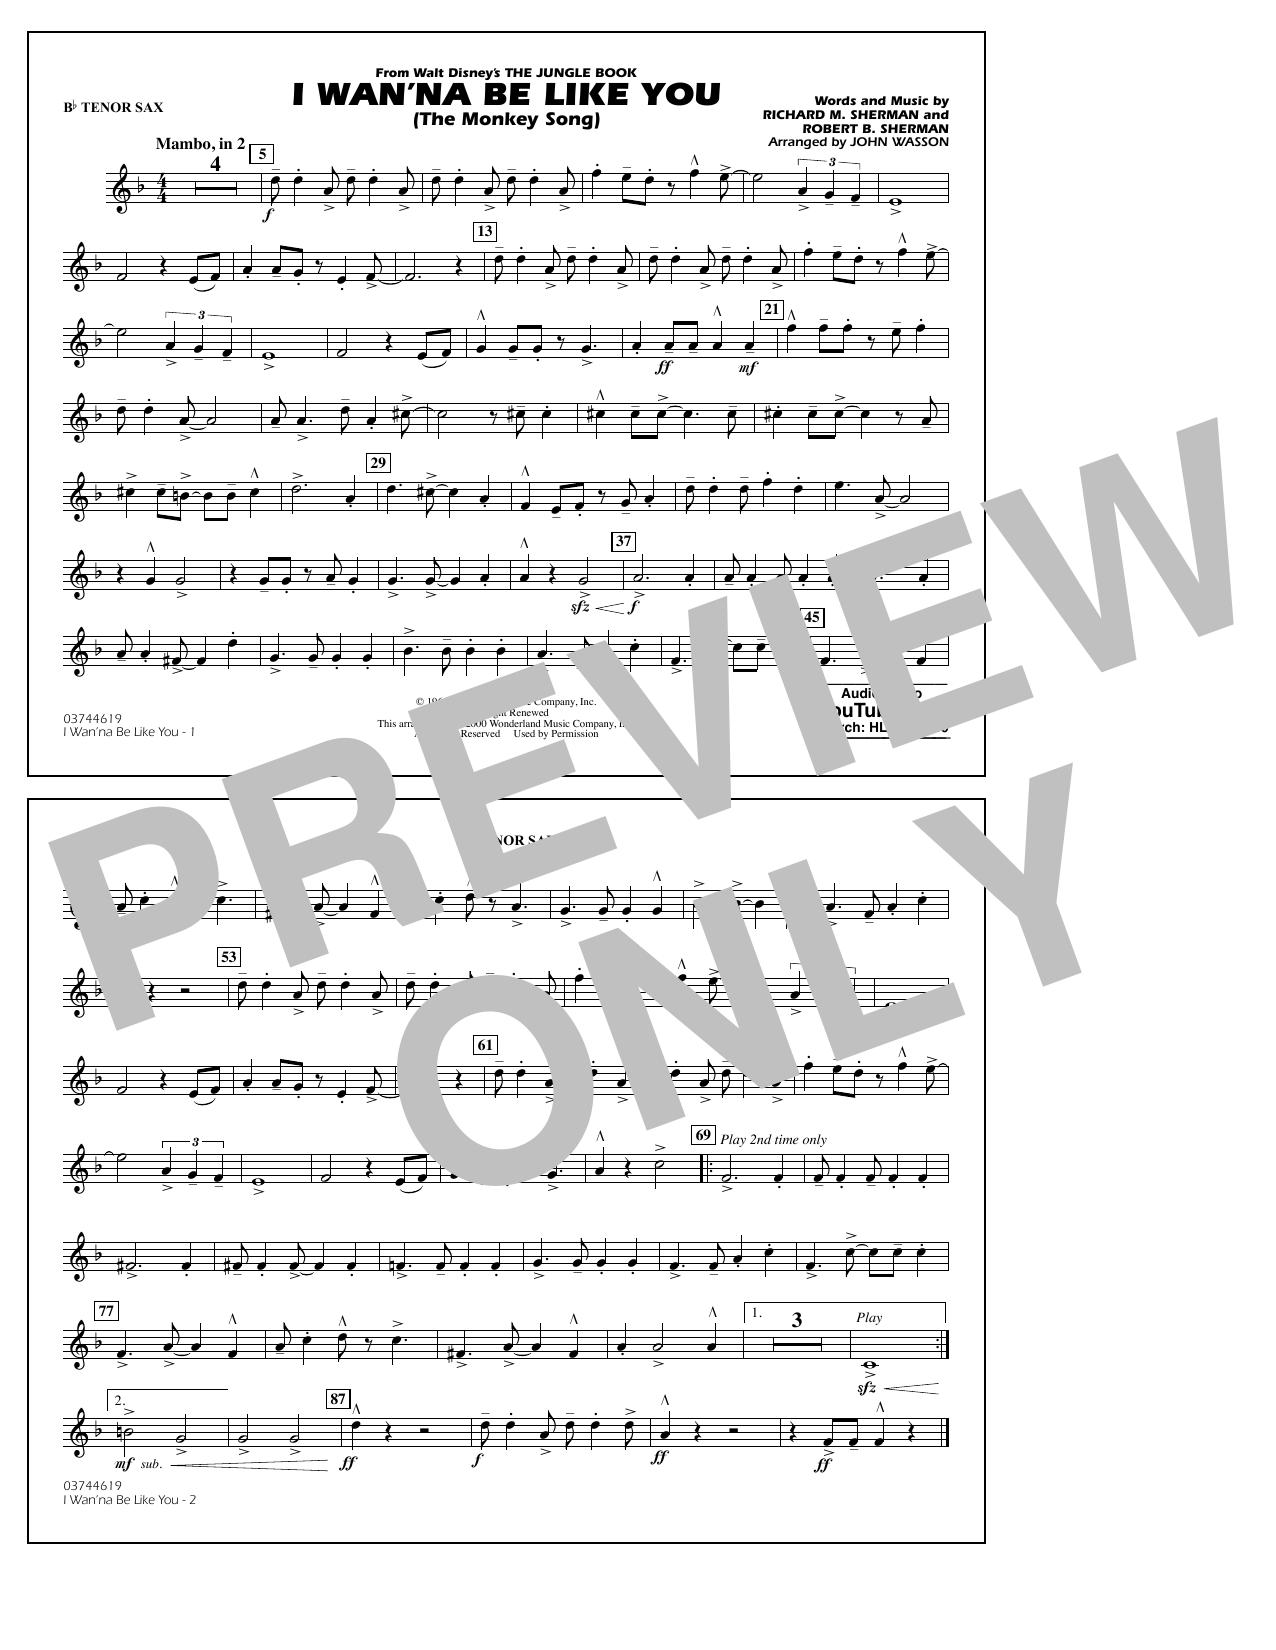 Robert B. Sherman - I Wan'na Be Like You - Bb Tenor Sax